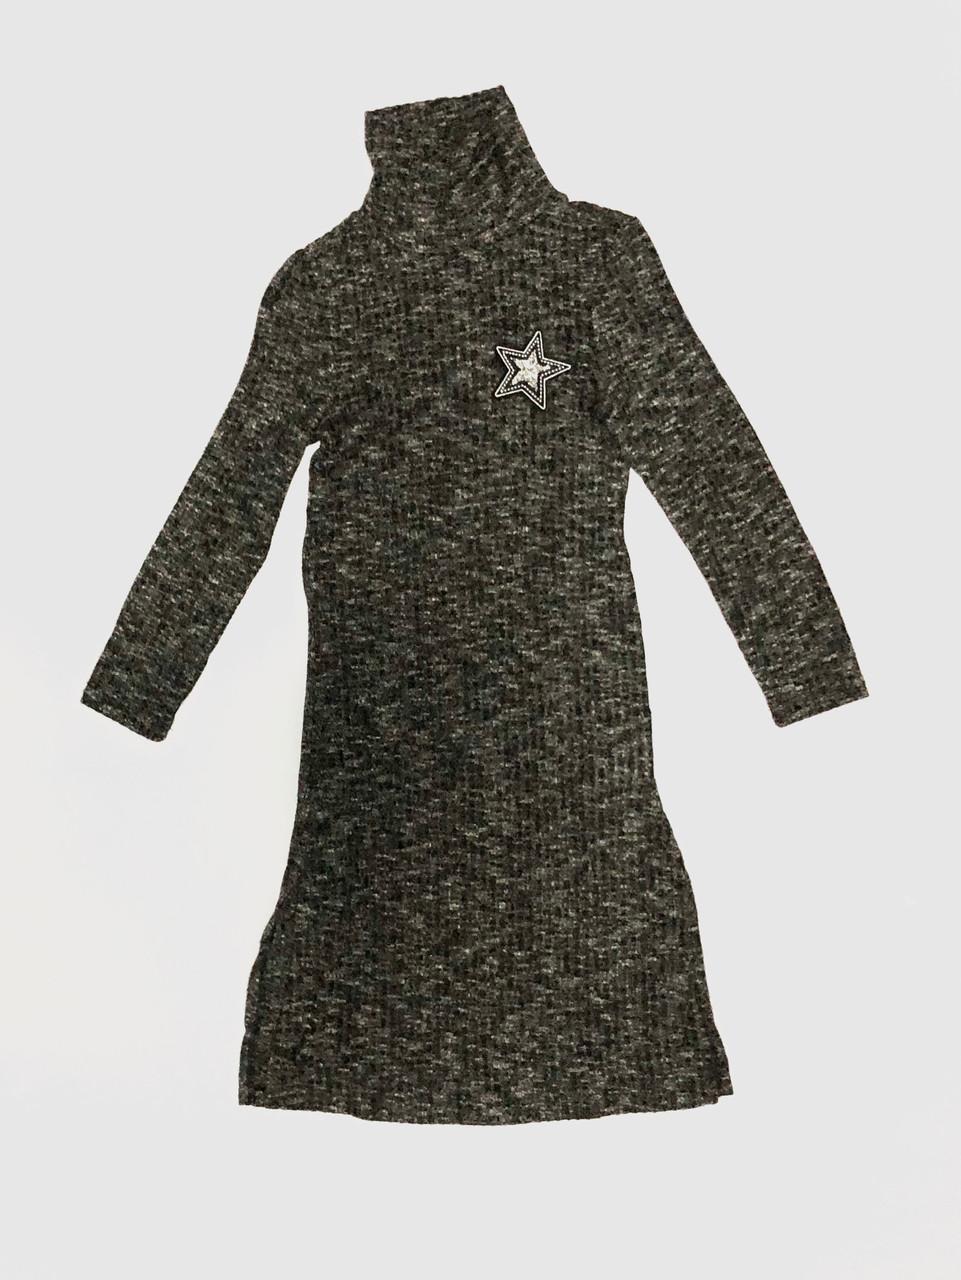 платье длинное с воротом 1967 Bulicca серый размер 122 140 Bigl Ua